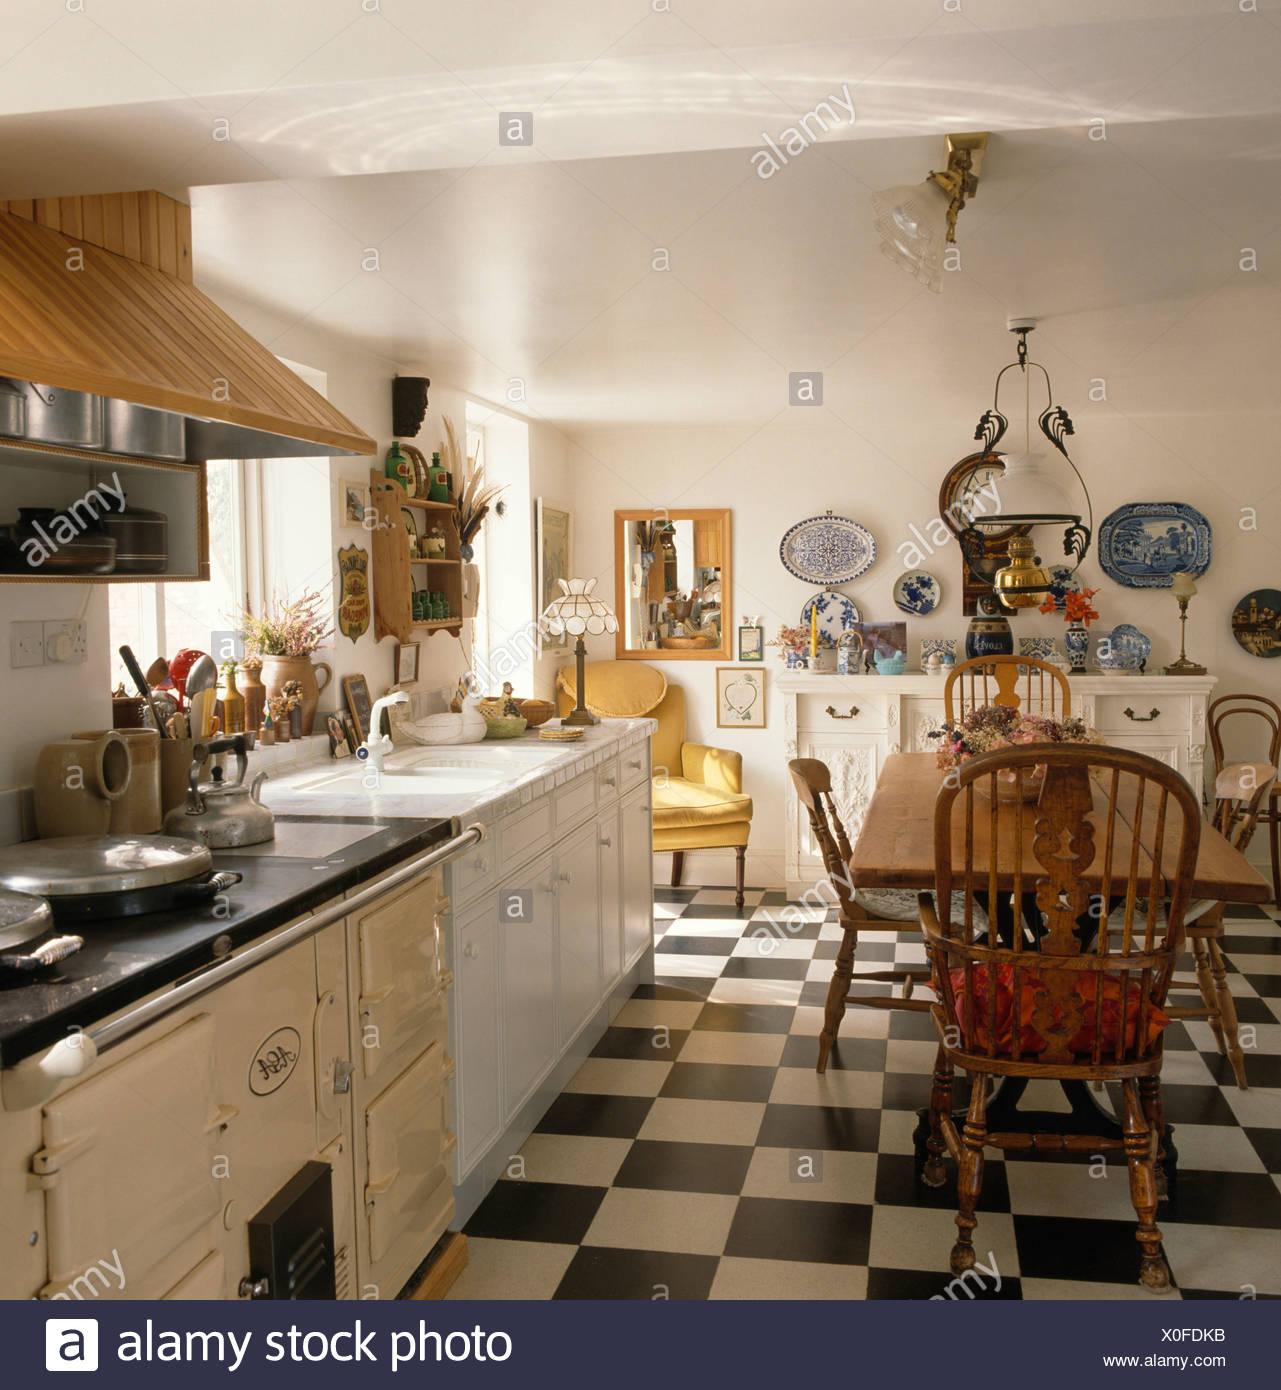 https www alamyimages fr damier noir et blanc revetement en vinyle en pays blanc d une cuisine avec table en bois et chaises windsor et aga creme image275705903 html